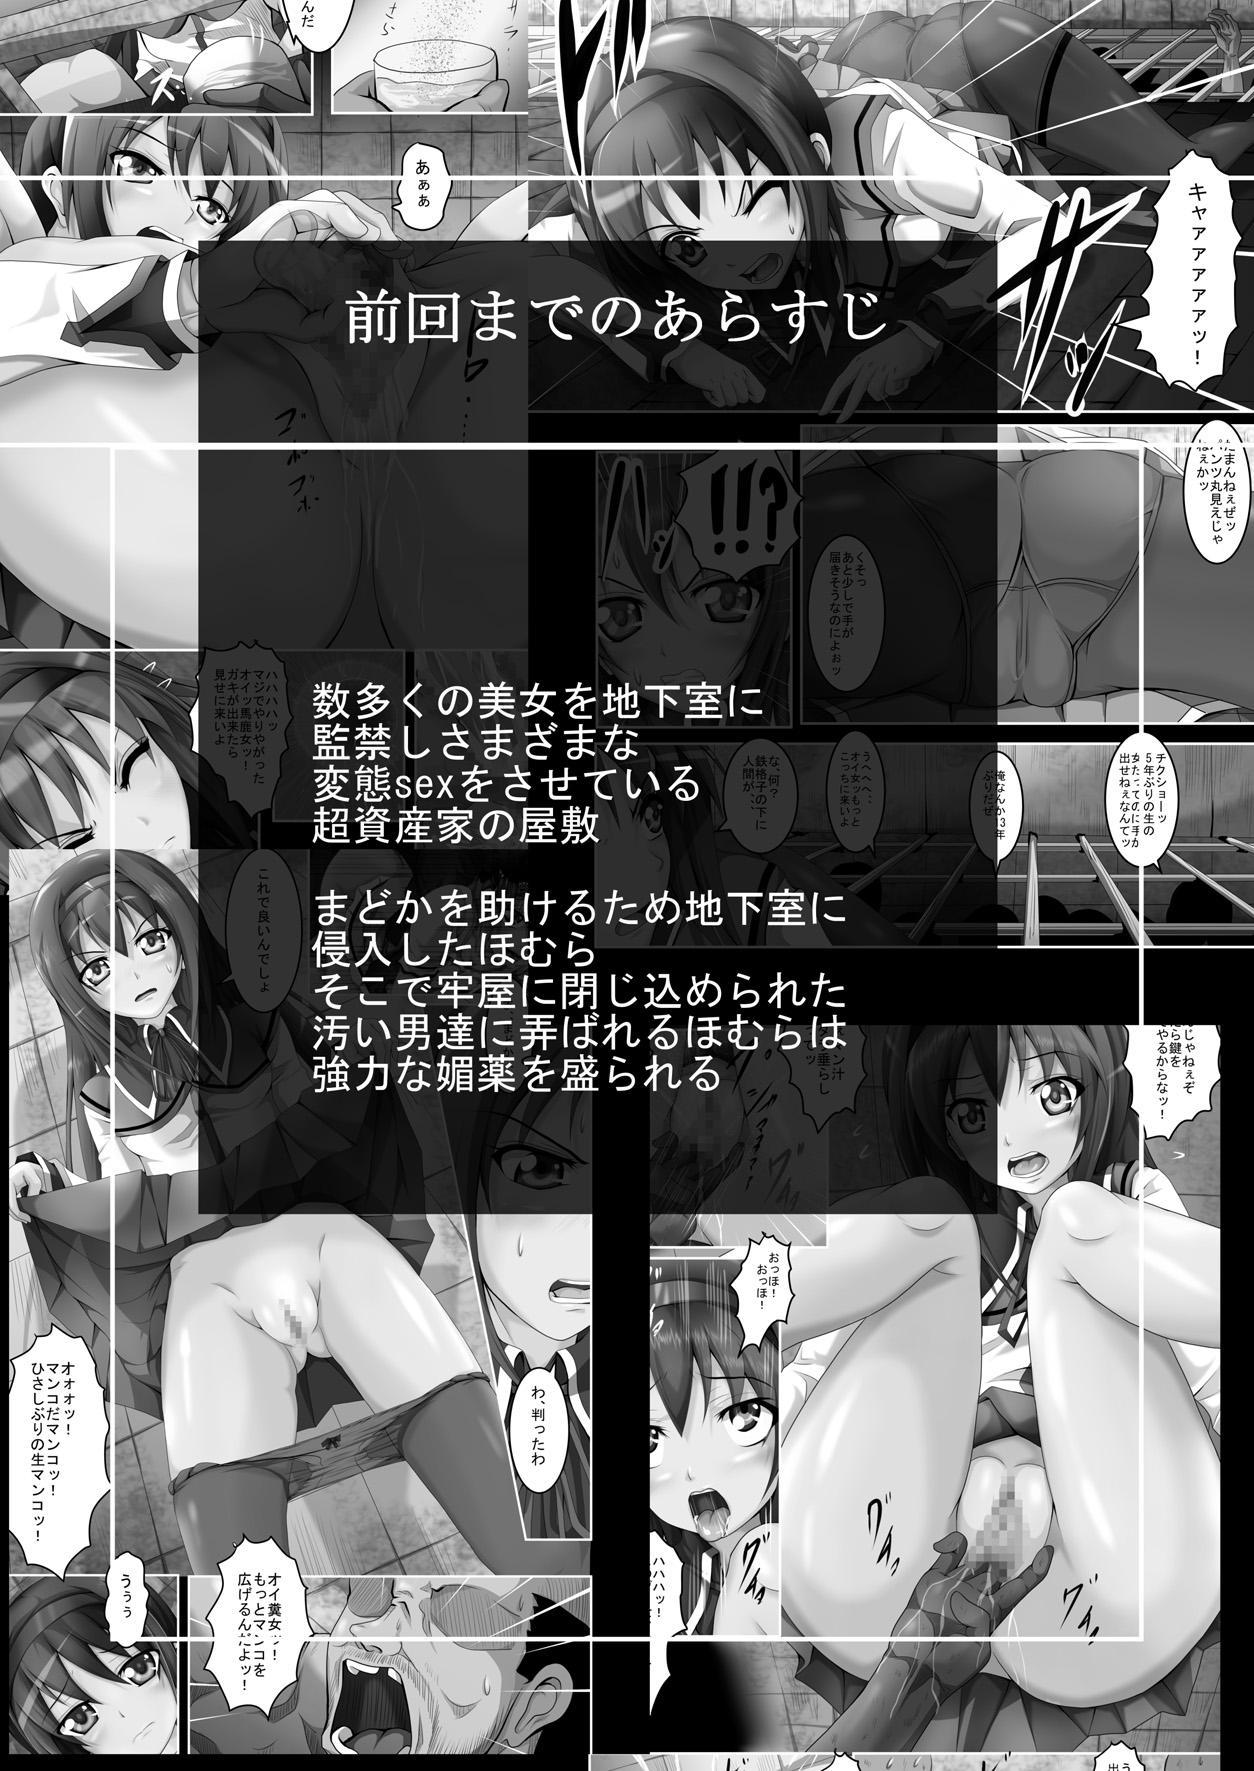 Tsuujou no SEX ni wa Akiakishite Iru Goroujin no Chikashitsu 1